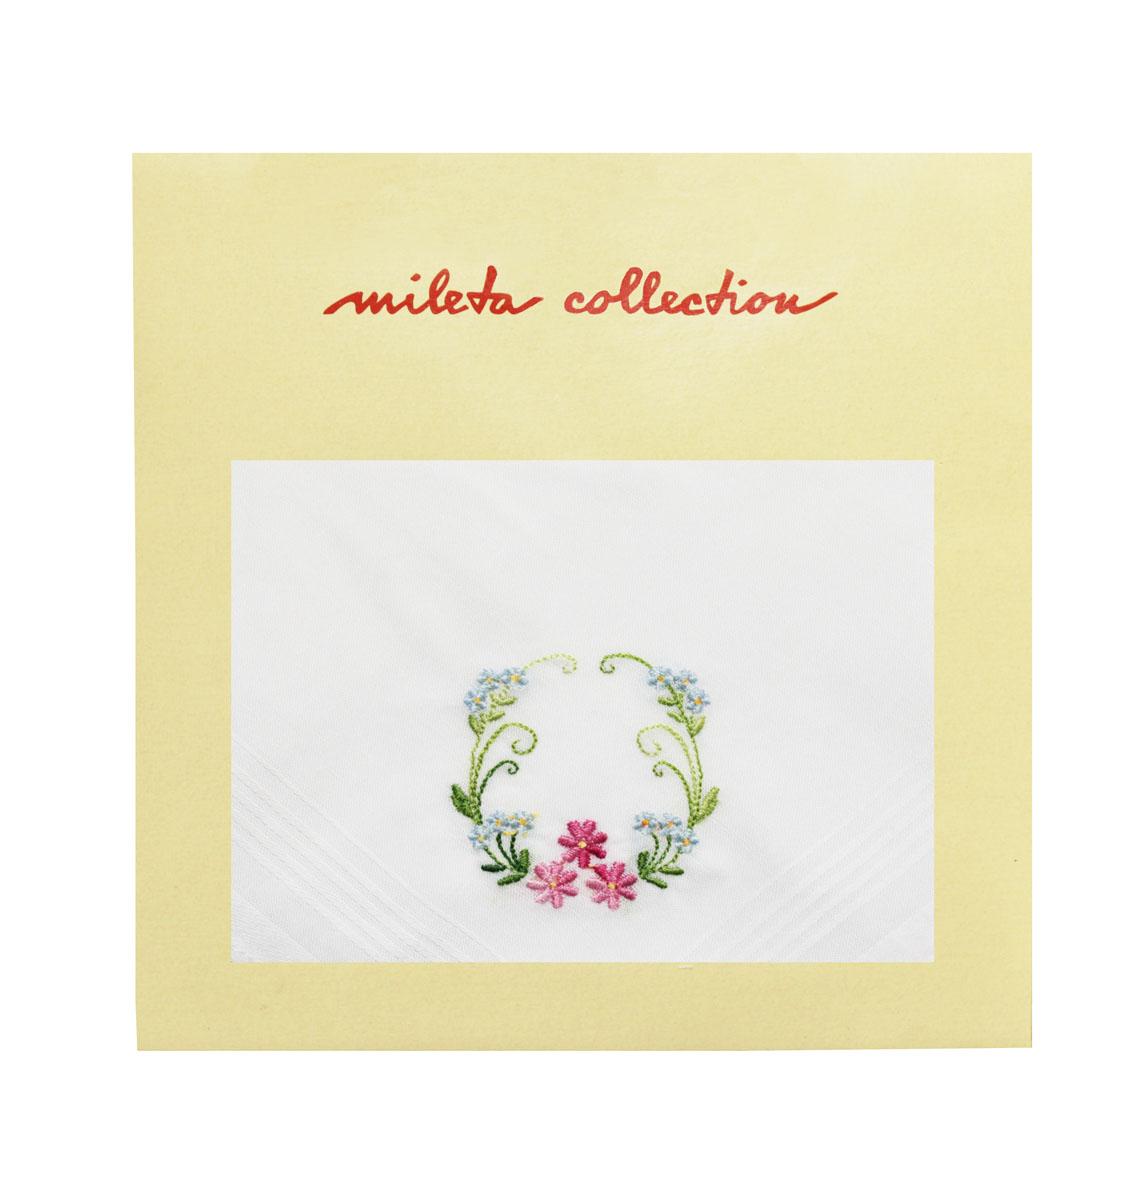 19701-9 Zlata Korunka Носовой платок женский, цвет: мультиколор, 30х30 см19701-9Платки носовые женские в упаковке по 1 шт. Носовые платки изготовлены из 100% хлопка, так как этот материал приятен в использовании, хорошо стирается, не садится, отлично впитывает влагу.